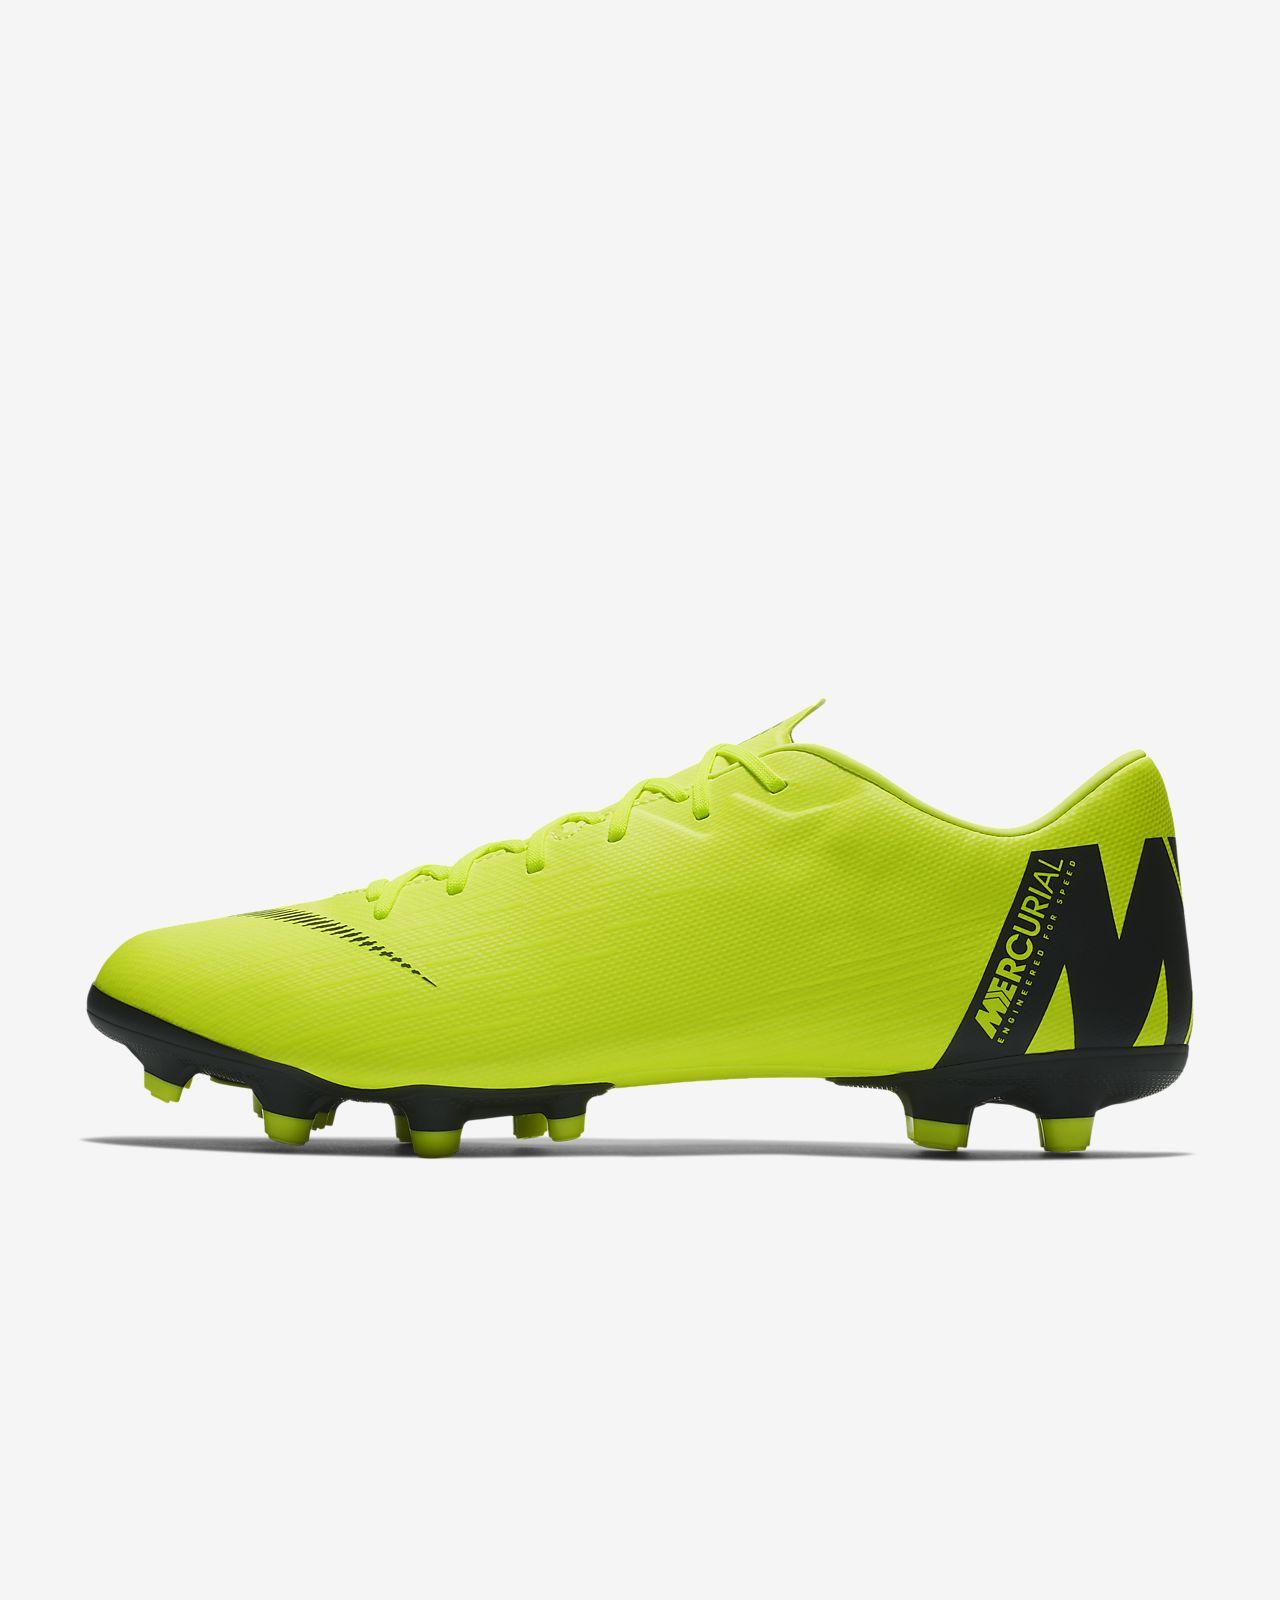 Футбольные бутсы для игры на разных покрытиях Nike Mercurial Vapor XII  Academy b083fcaa621